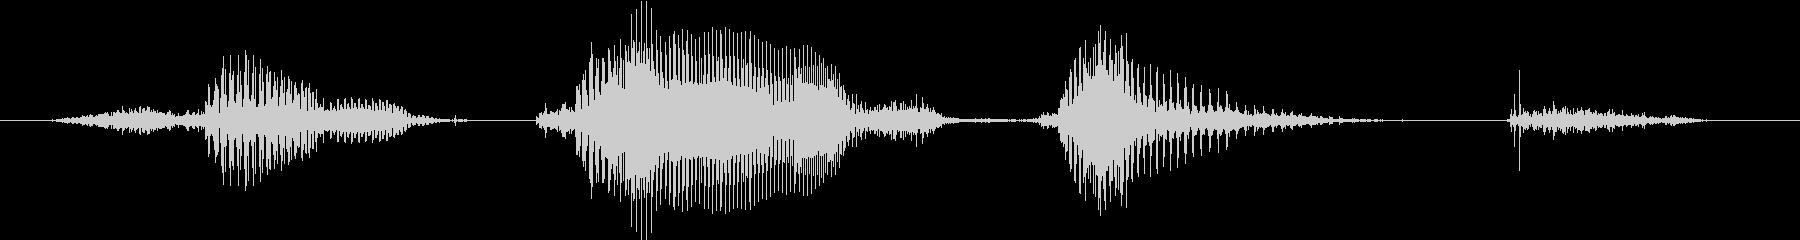 ファンタスティック!の未再生の波形